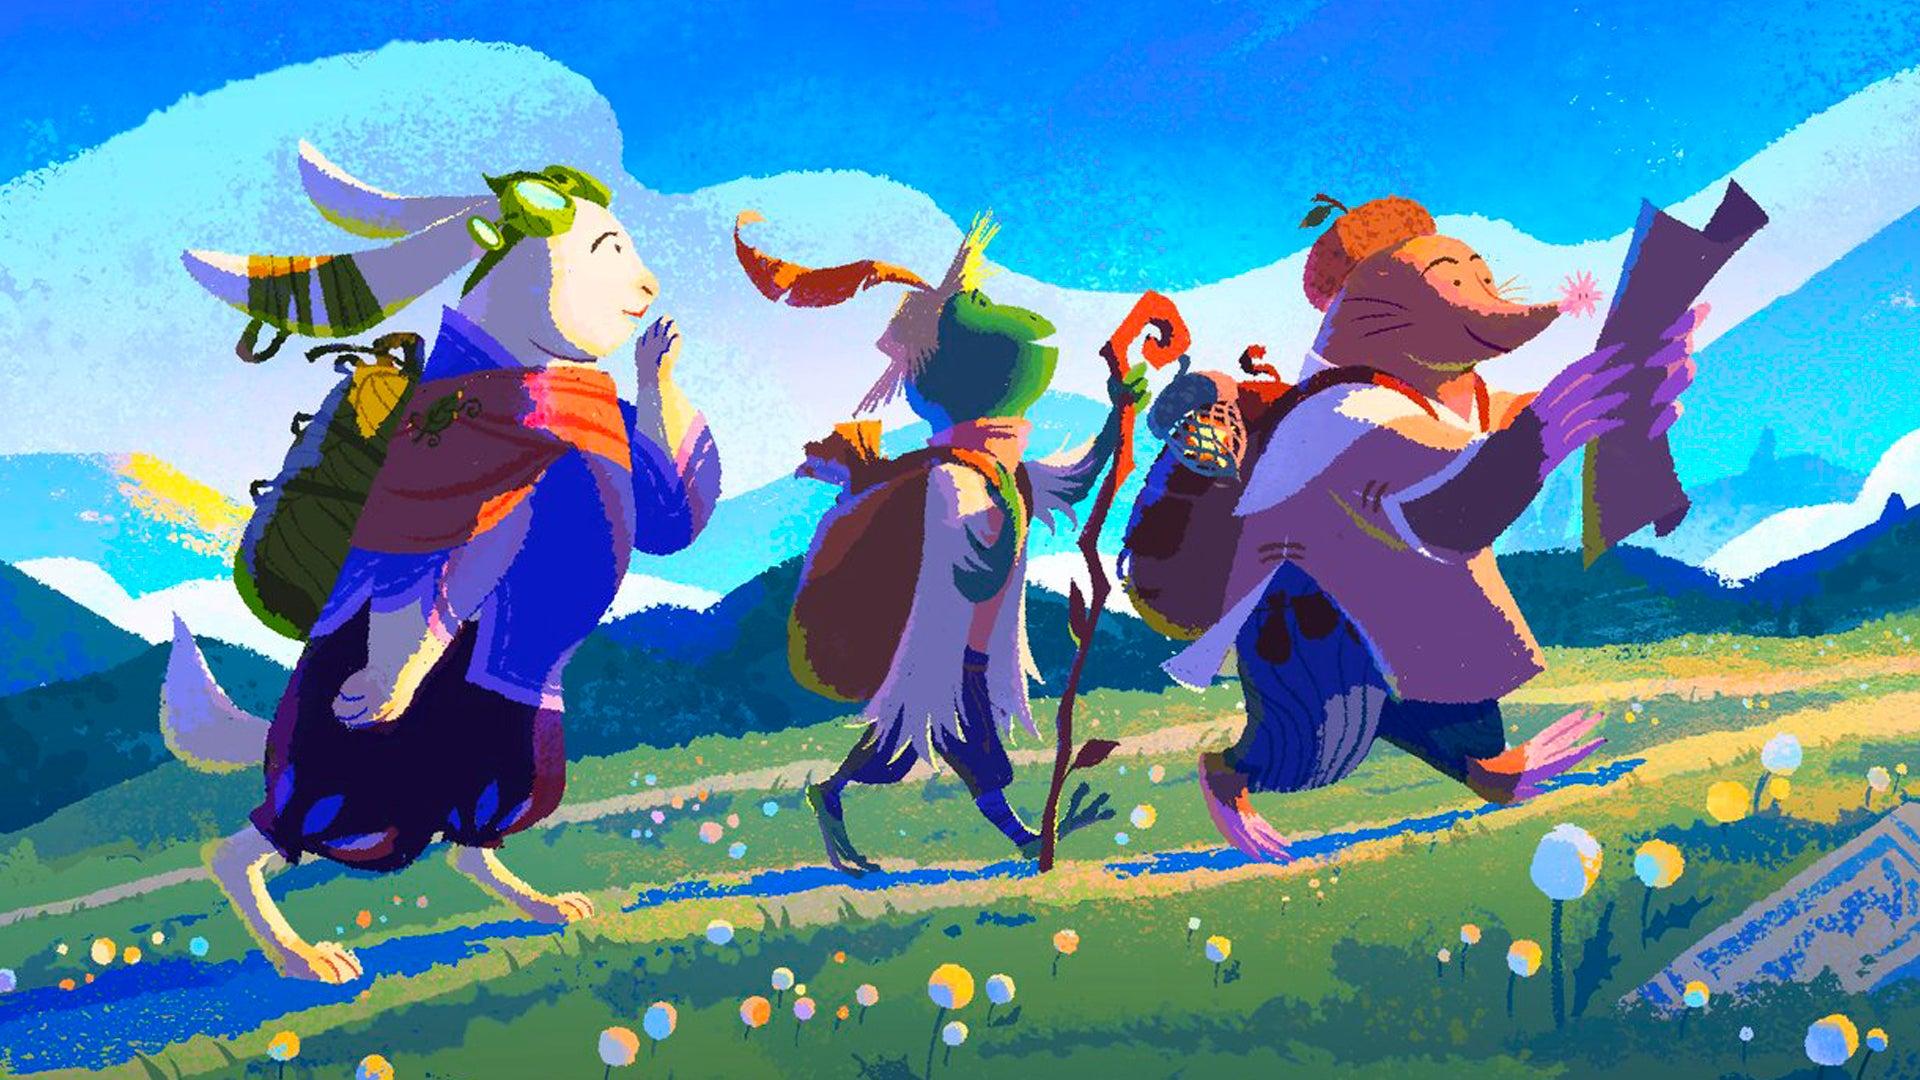 wanderhome-rpg-artwork.jpg